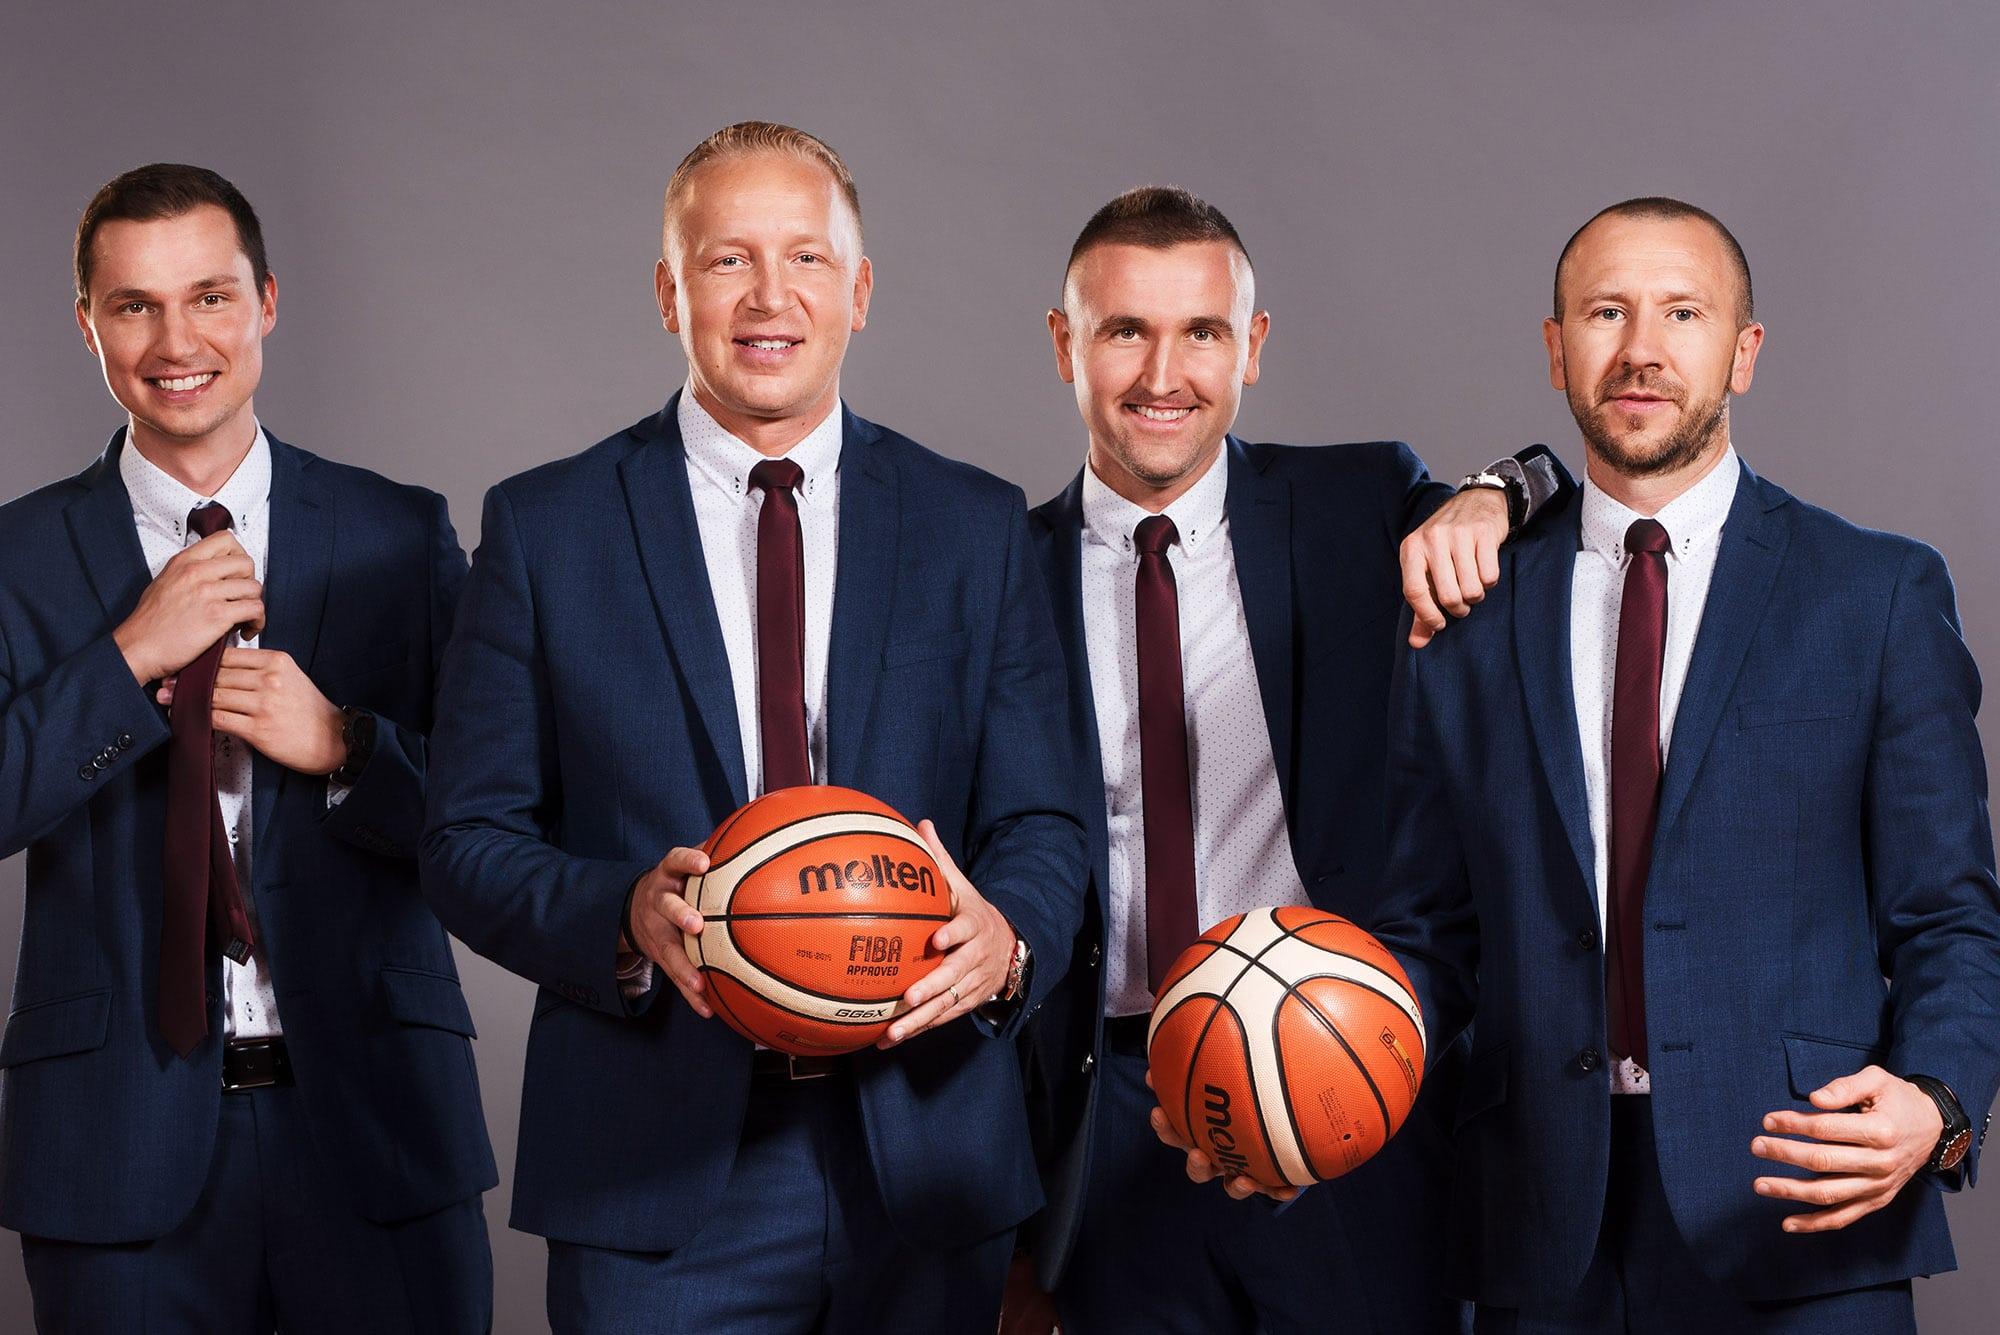 fotograf sportowców wrocław